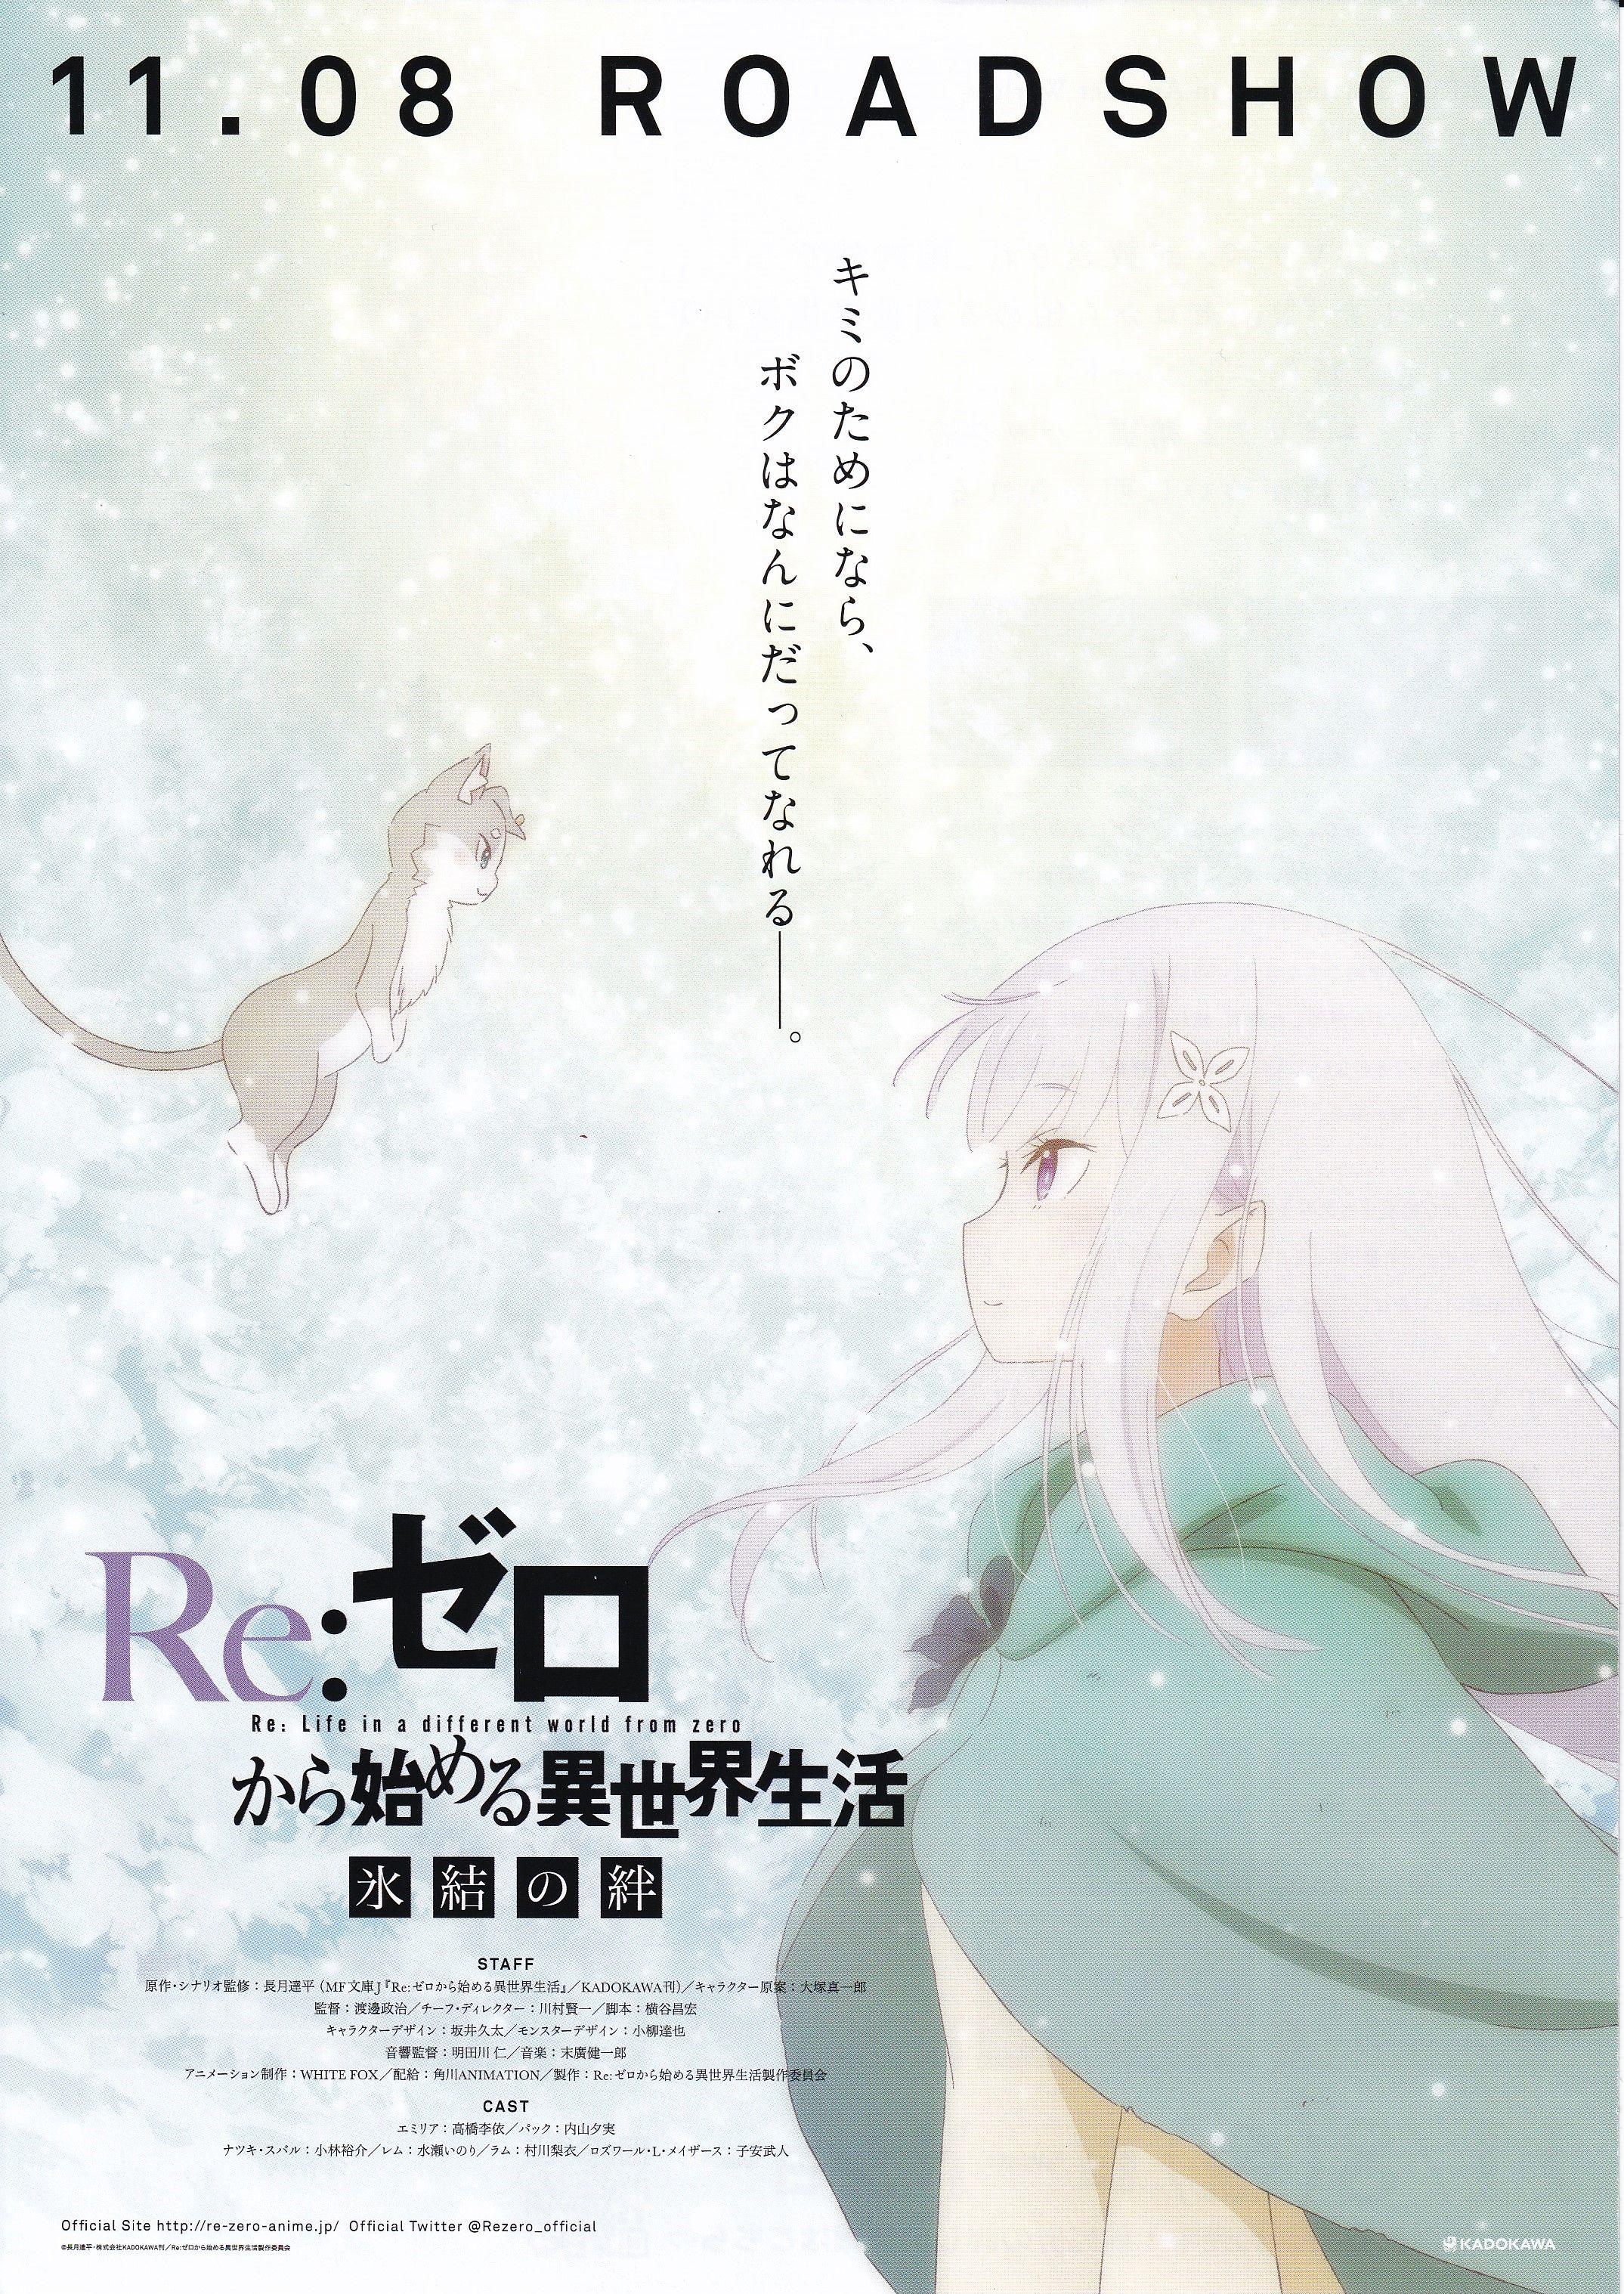 """دانلود زیرنویس فارسی فیلم """"Re: Zero kara hajimeru isekai seikatsu"""" OVA: Bond of Ice"""